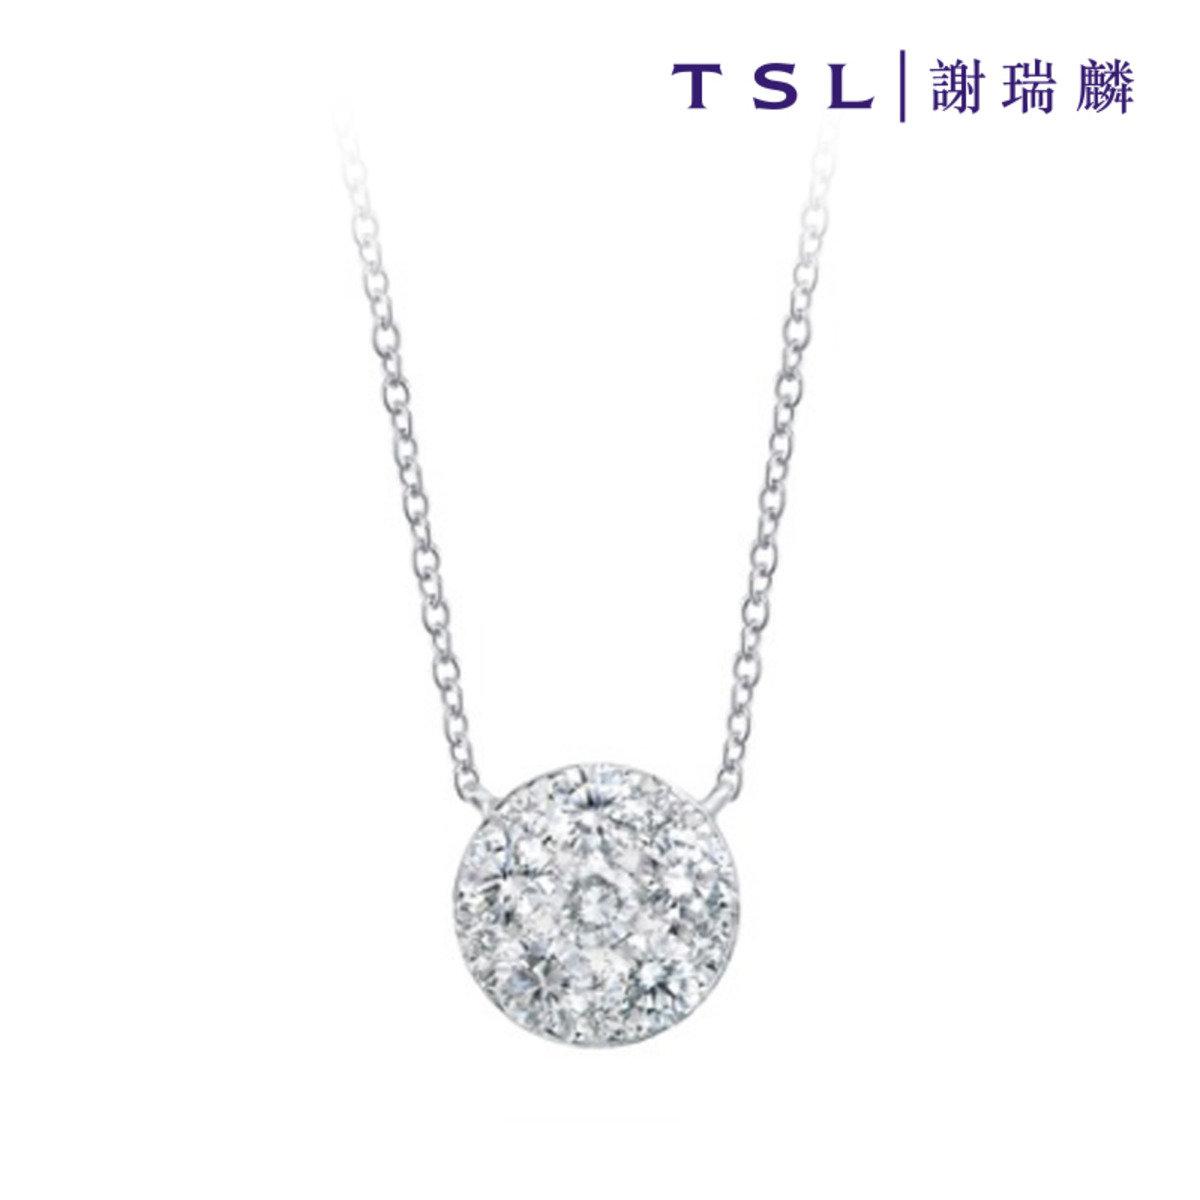 750/18K白色黃金鑲天然鑽石頸鍊